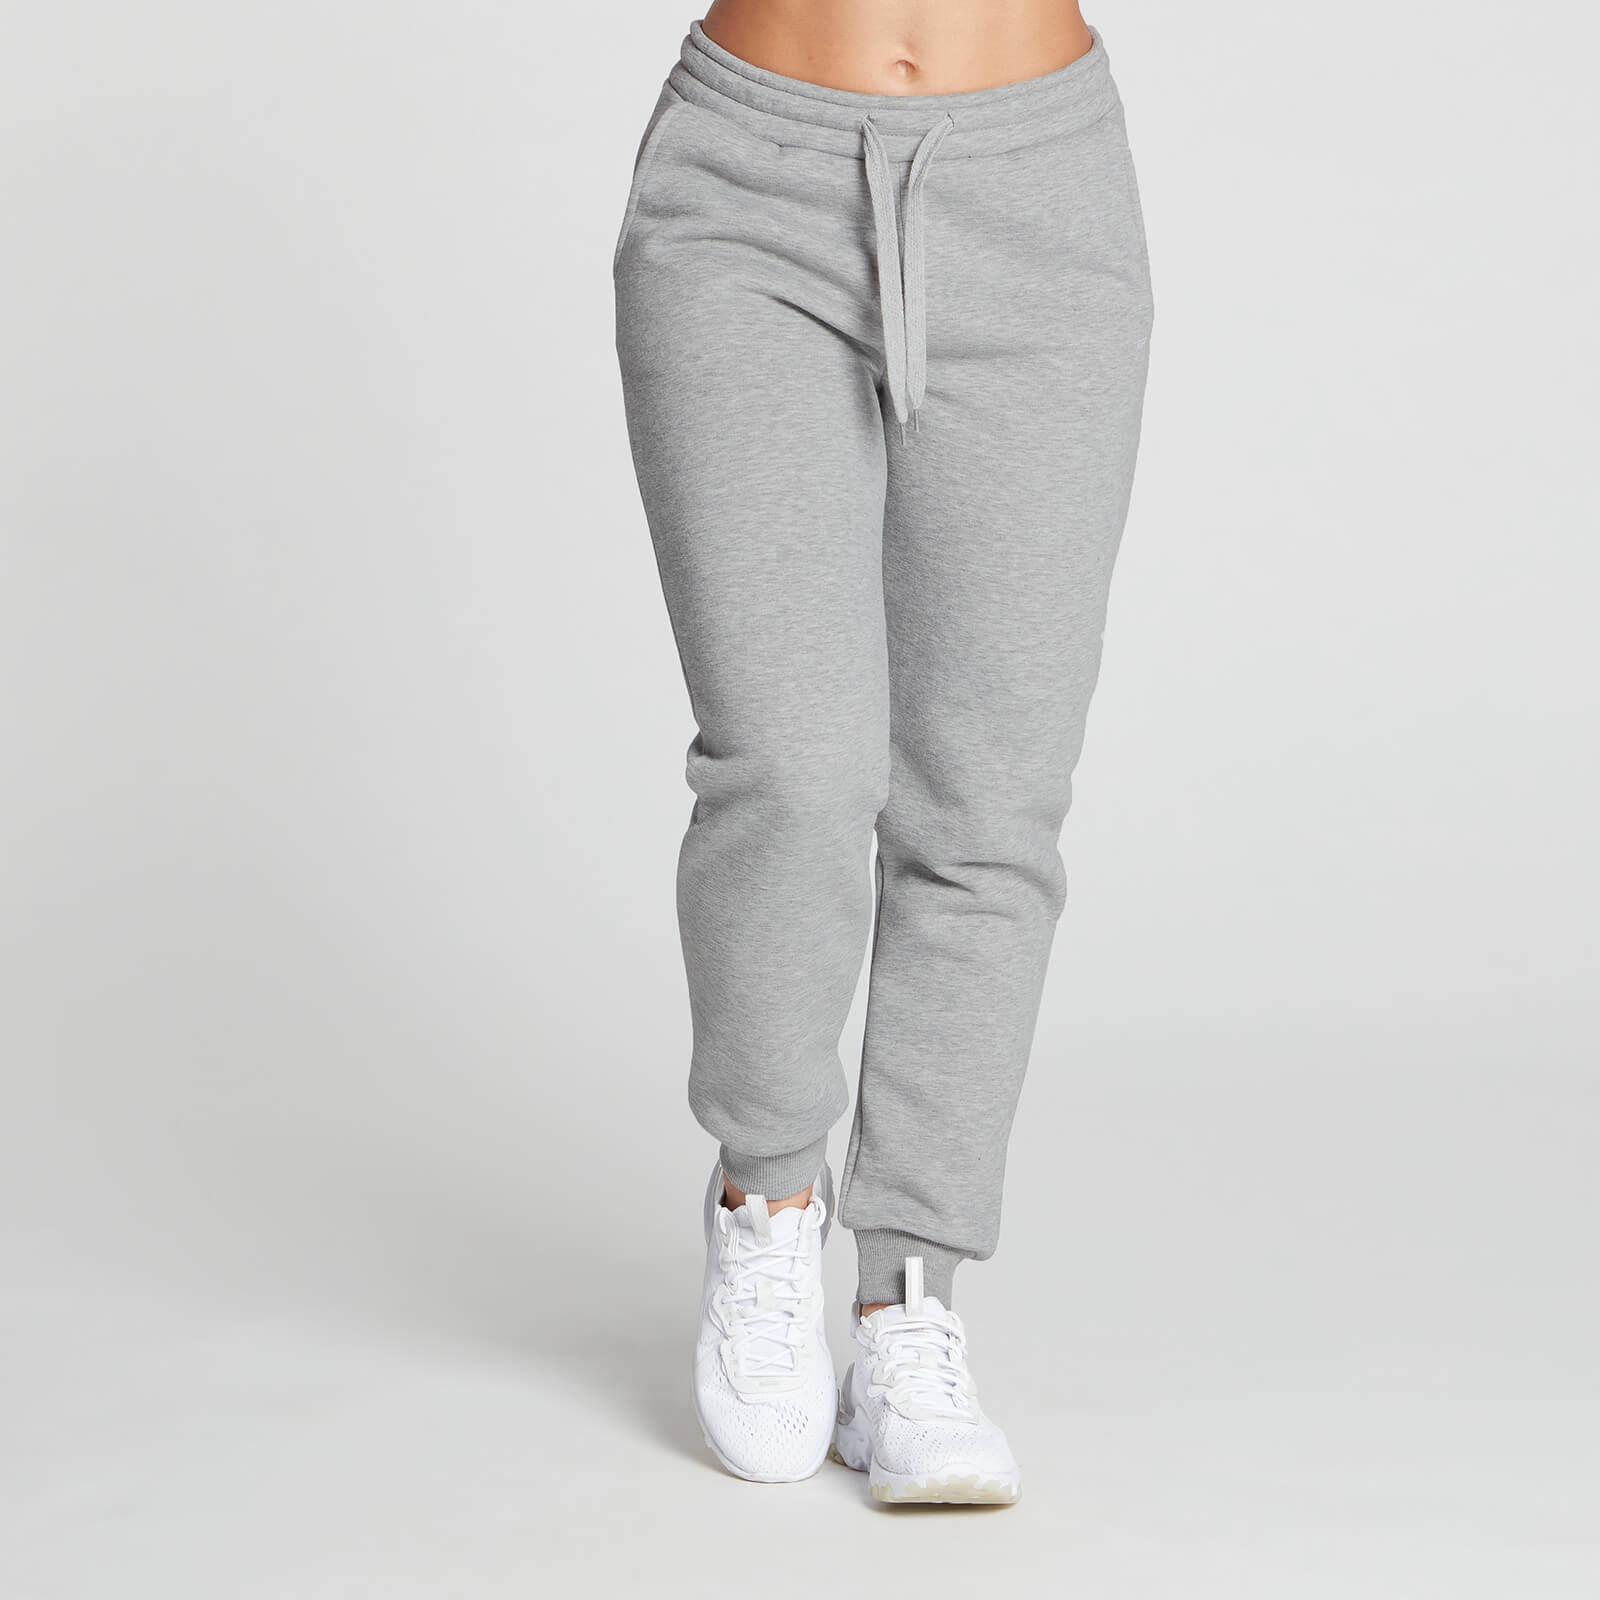 Mp Pantaloni da jogging  Essentials da donna - Grigio mélange - XXL